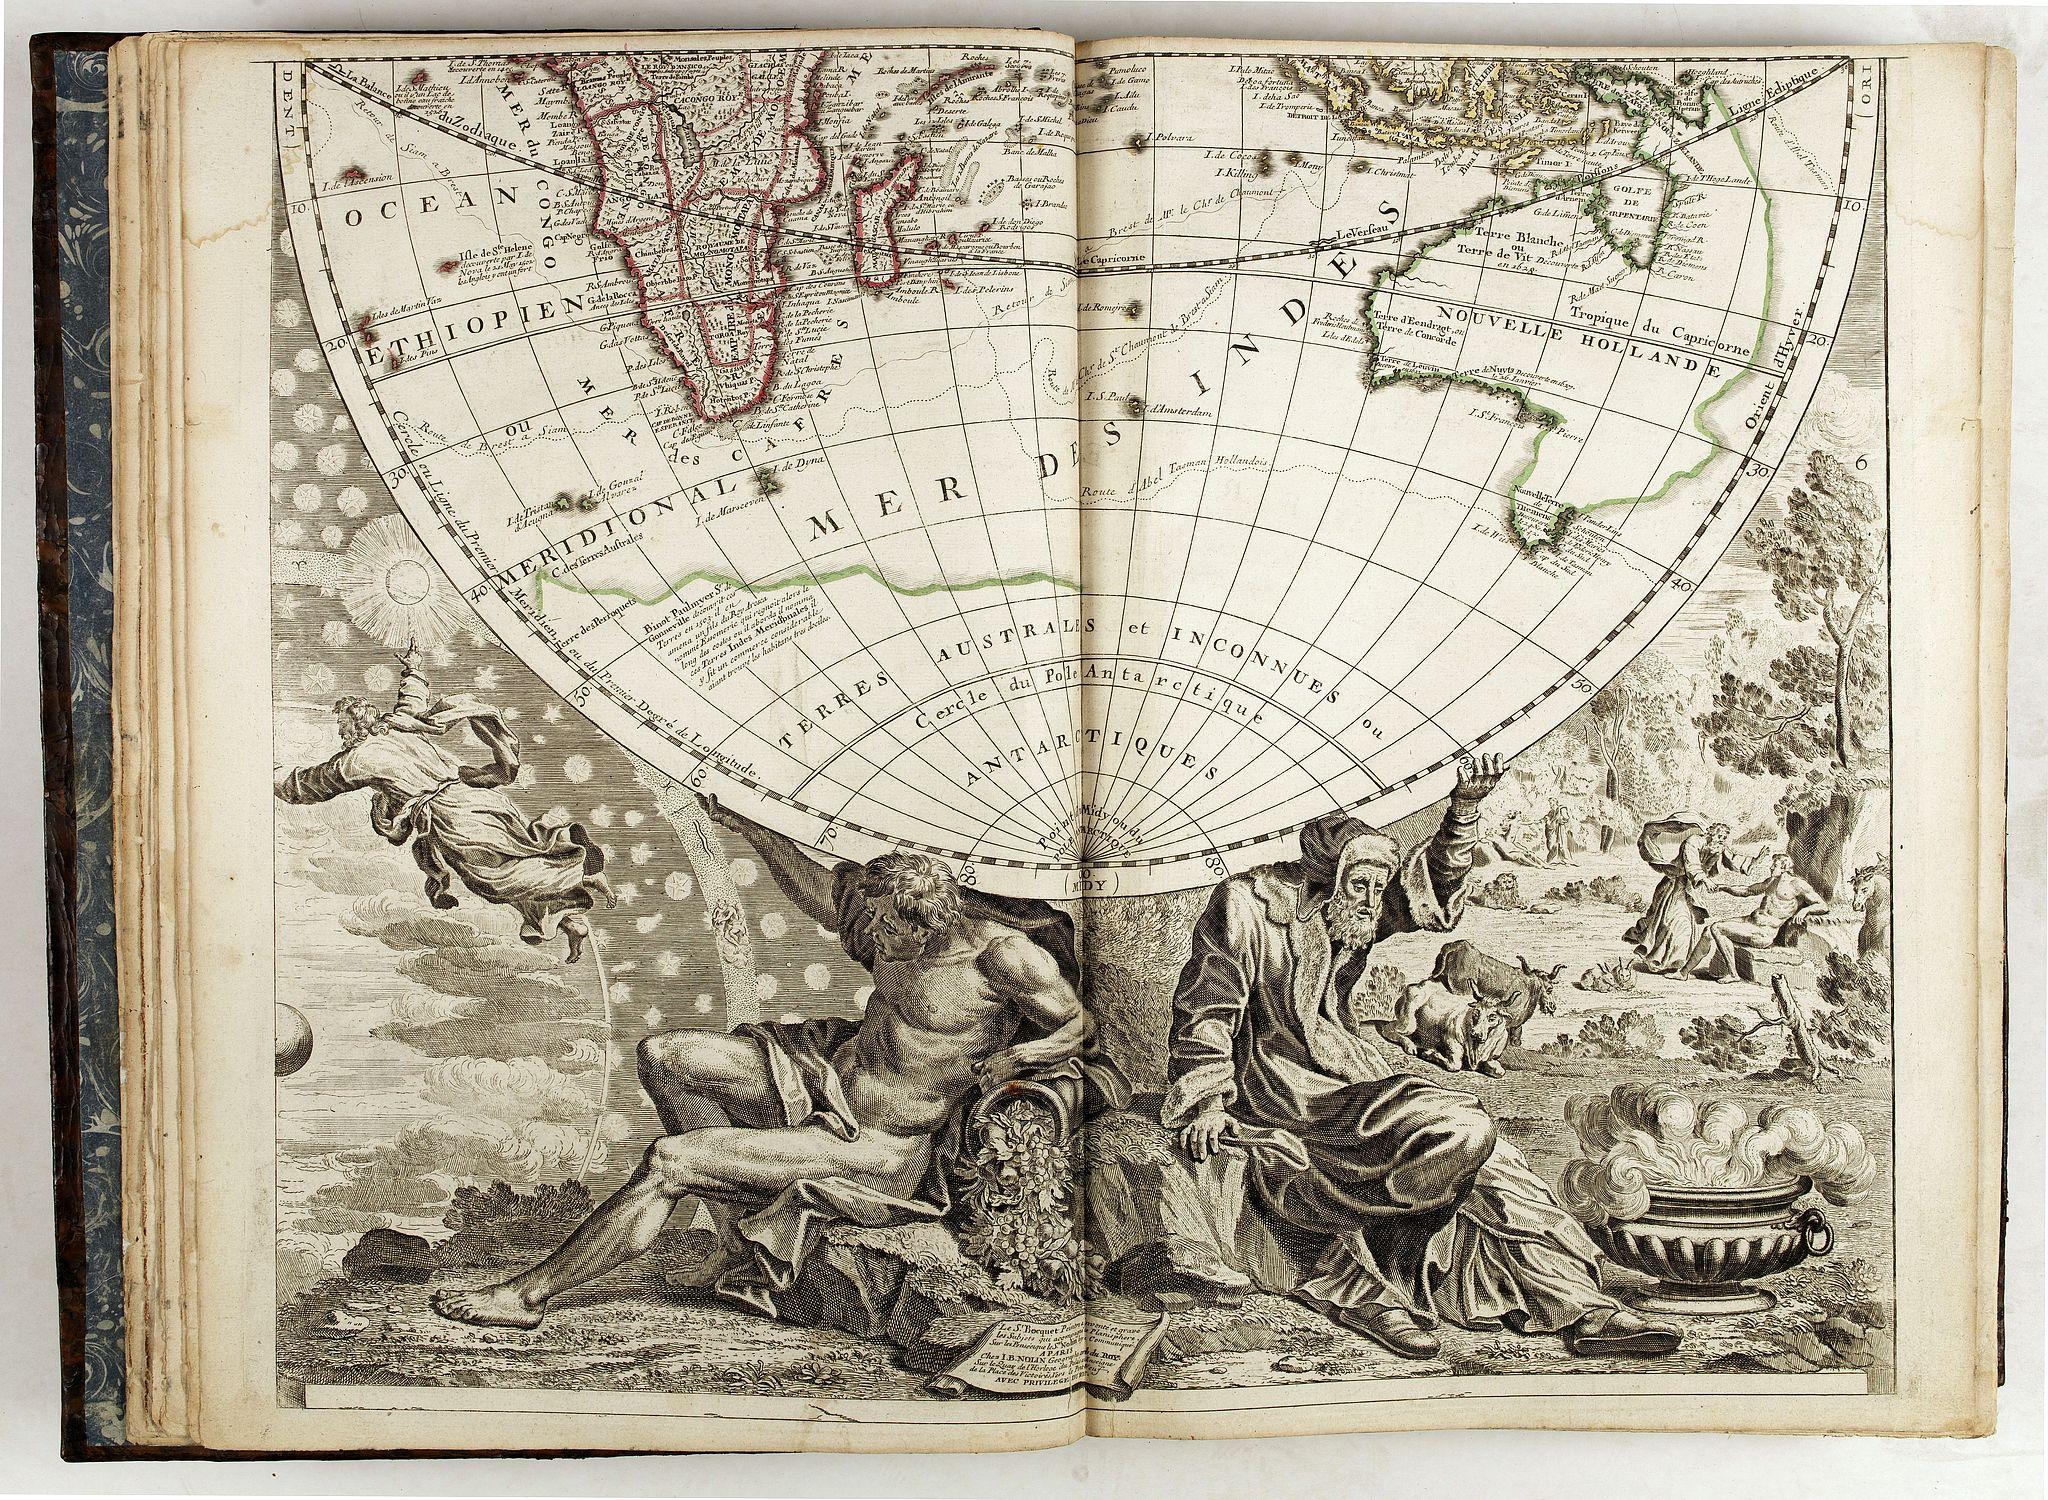 NOLIN, J.-B. -  Le Théâtre du monde dédié au roi contenant les cartes générales et particulières des royaumes et états qui le composent.